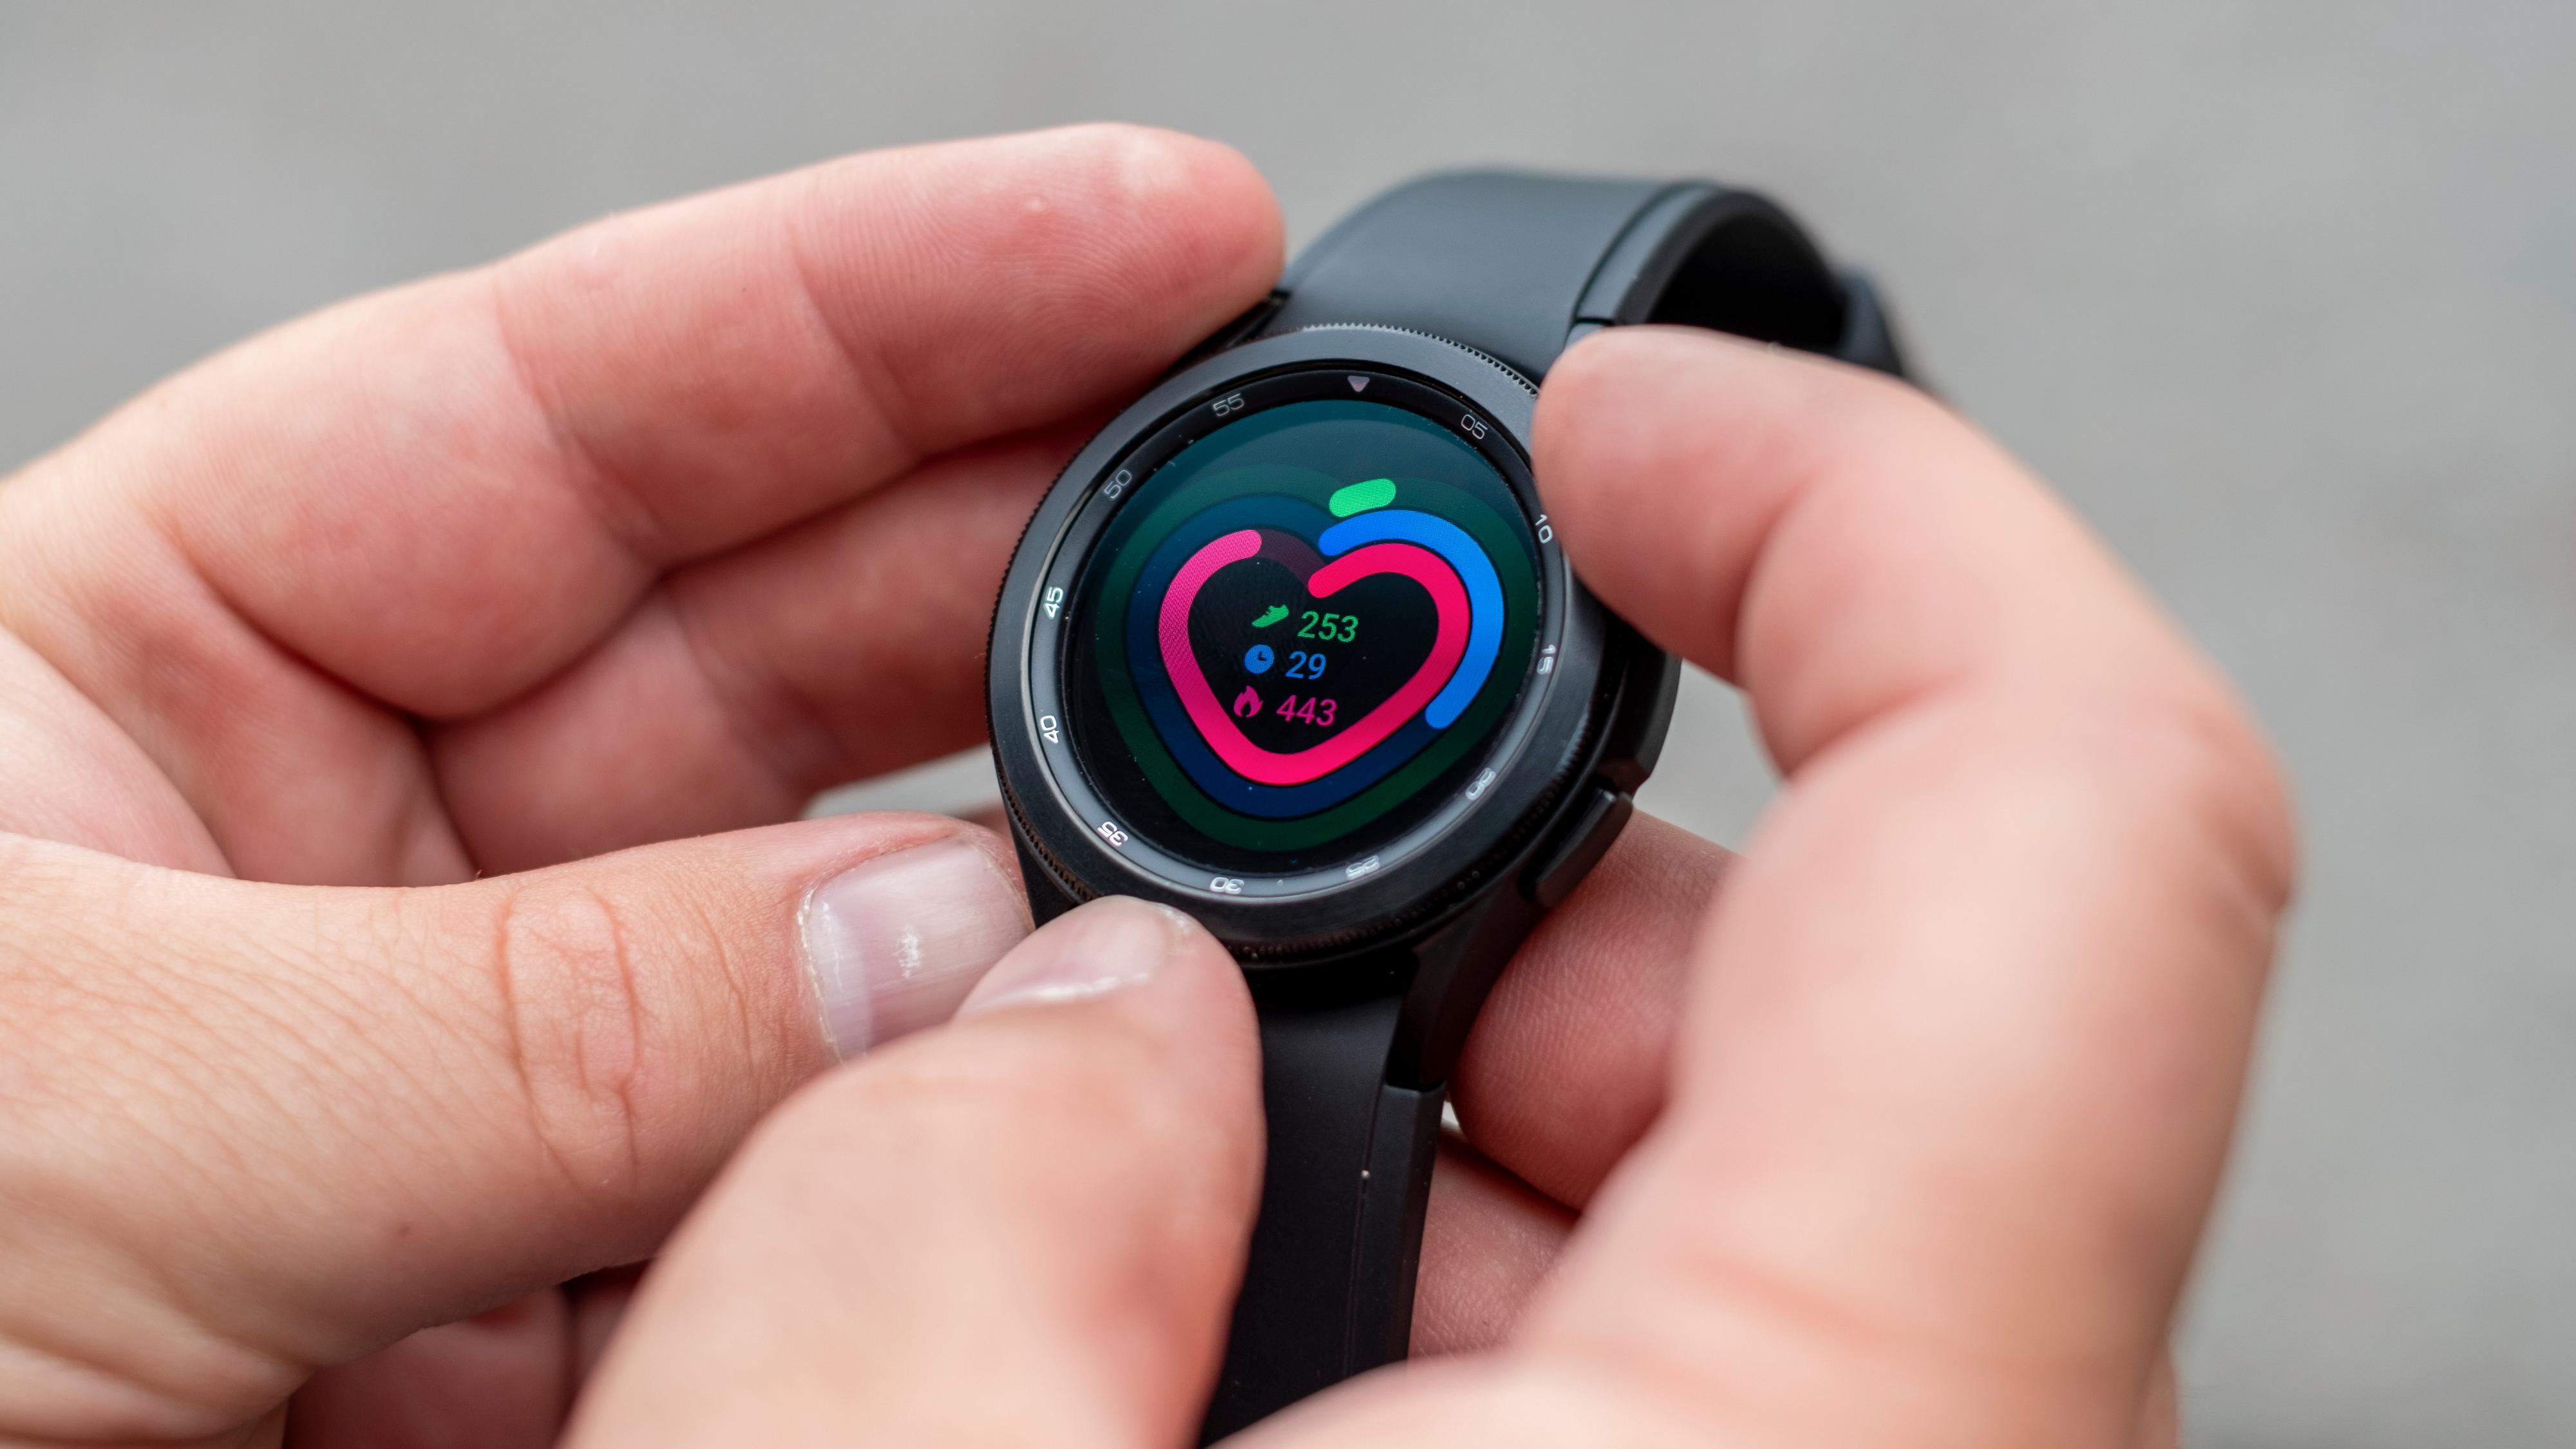 Watch 4 Classic har en ring rundt urskiven som brukes til å enkelt navigere menyene. På den vanlige Watch 4-modellen må du bruke sveip og berøring - men der får du til gjengjeld større skjerm uten at klokken blir så stor.